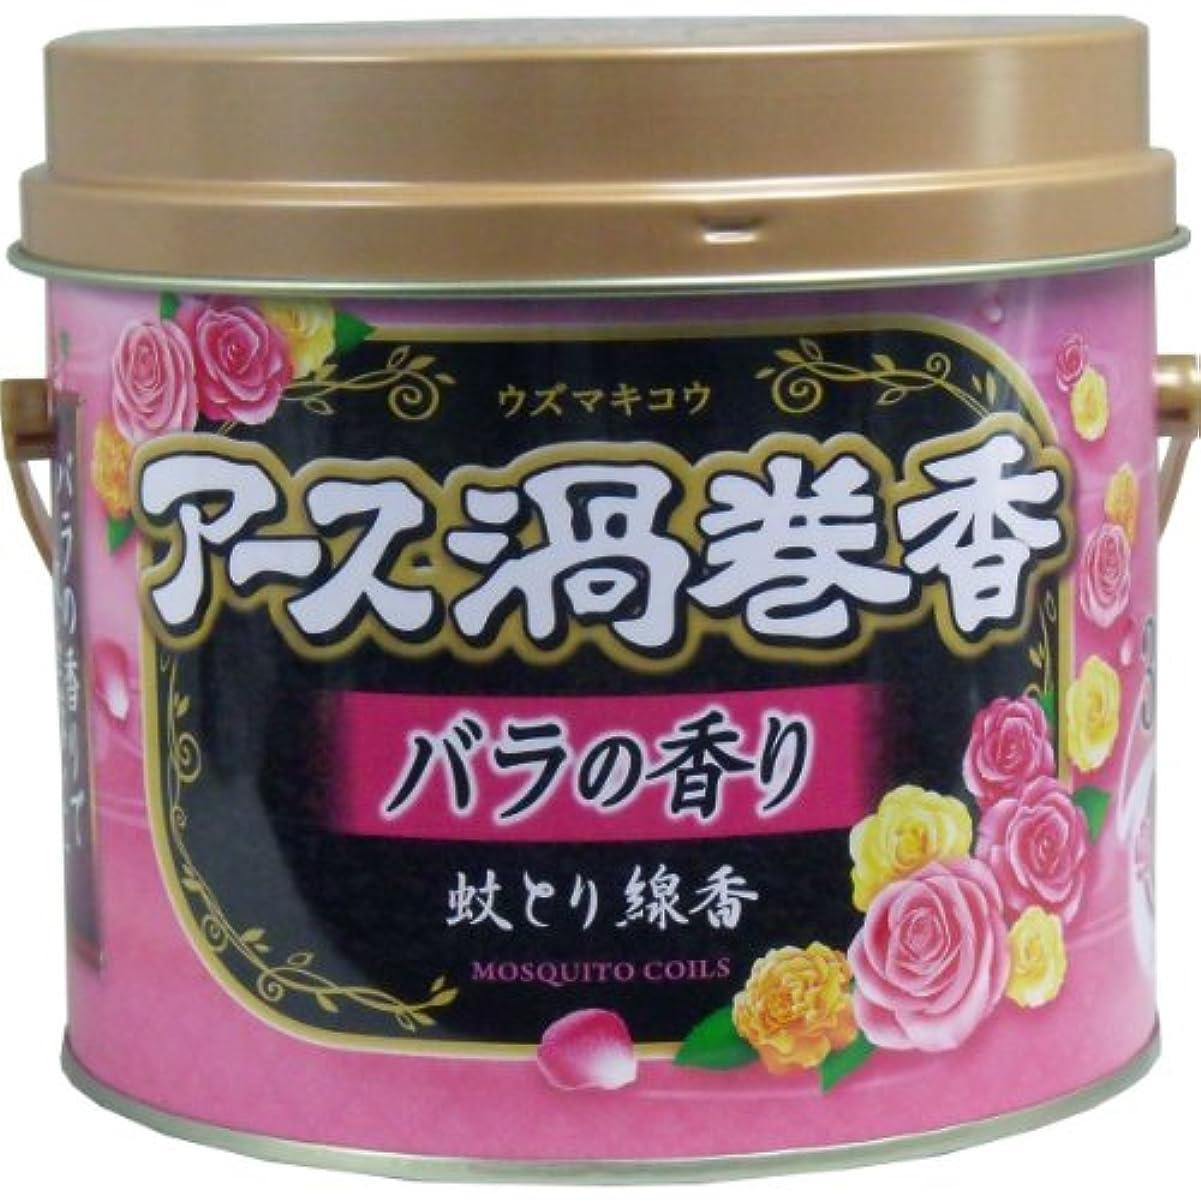 ホステル流産ブローアース渦巻香 蚊とり線香 バラの香り 30巻2個セット